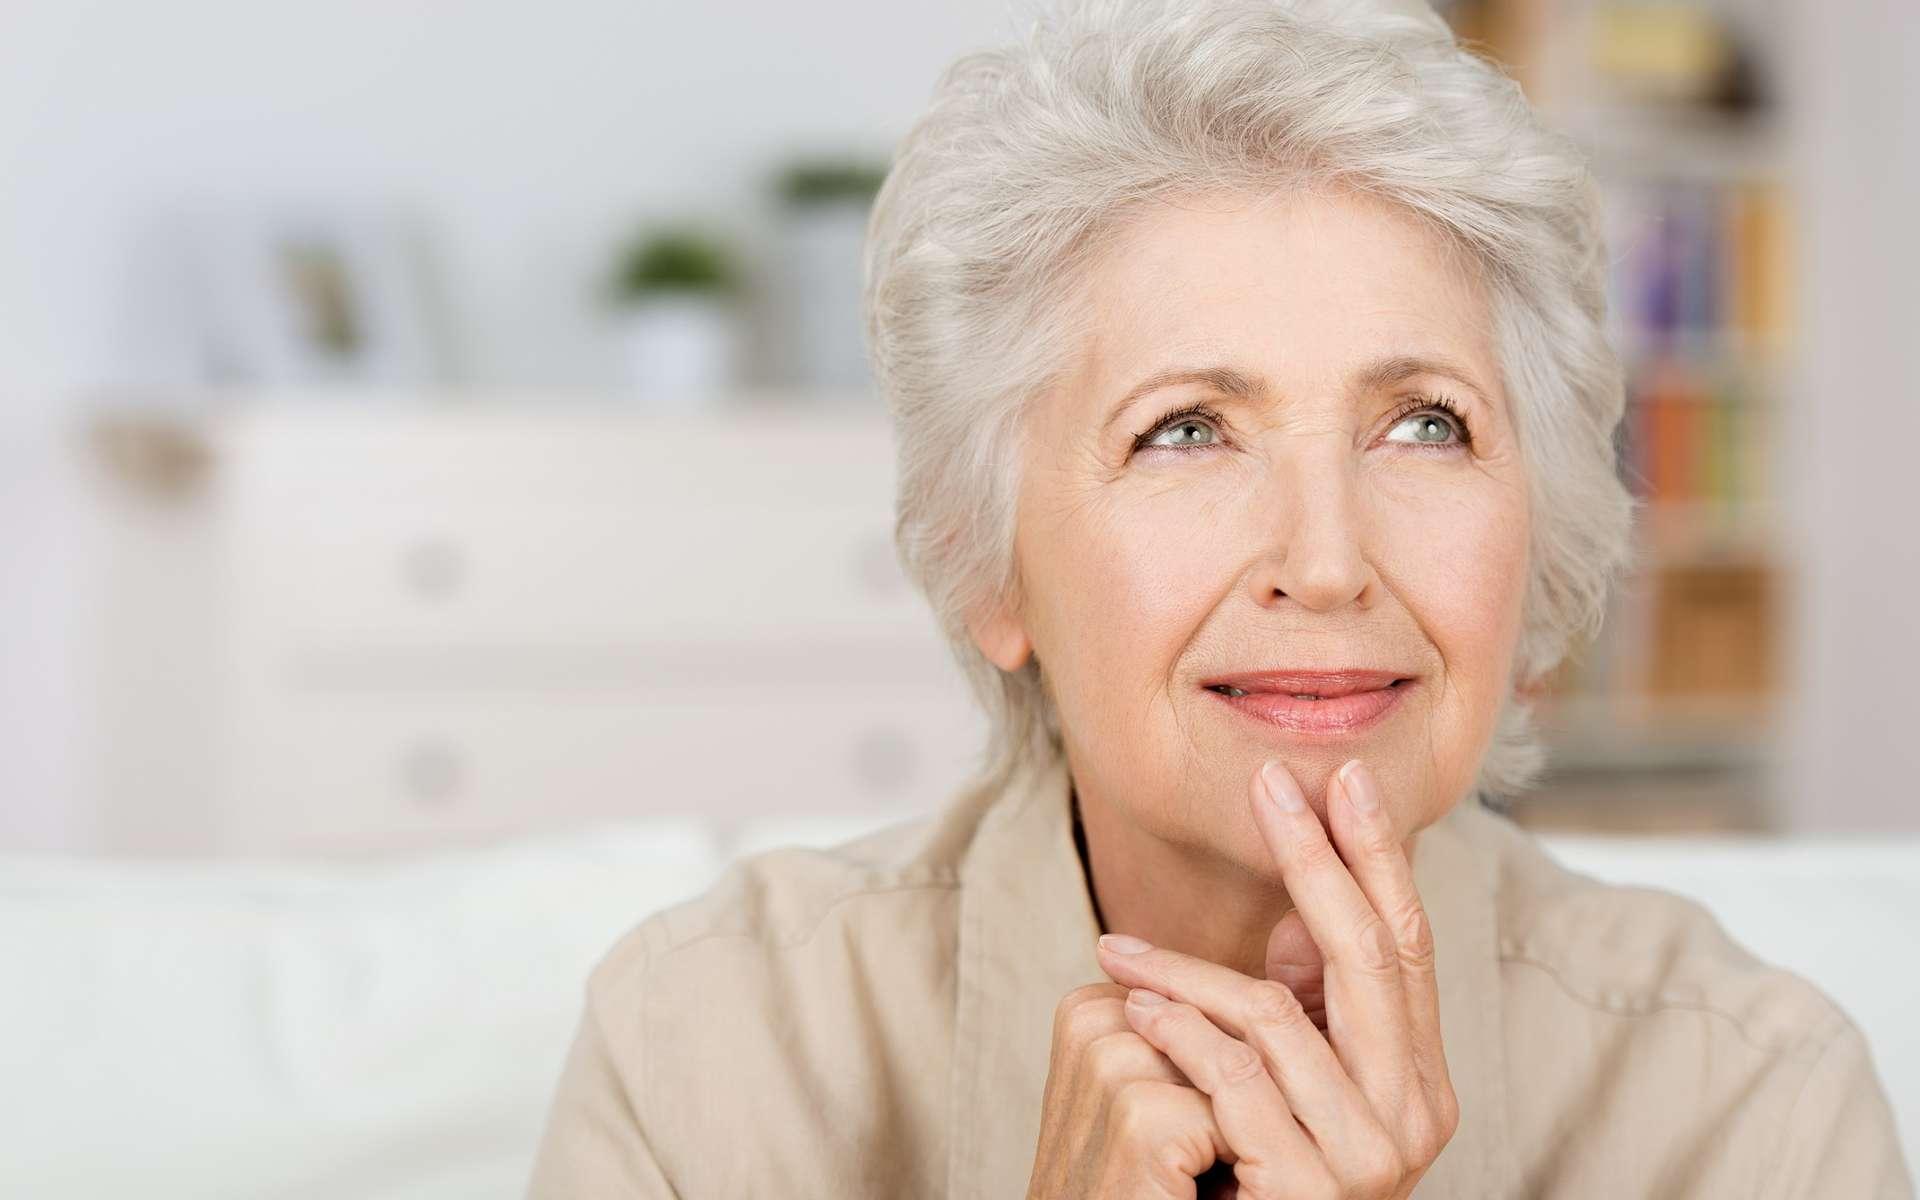 Quel âge faites-vous ? Si certaines personnes paraissent plus vieilles, c'est à cause du gène MC1R. © racorn, Shutterstock